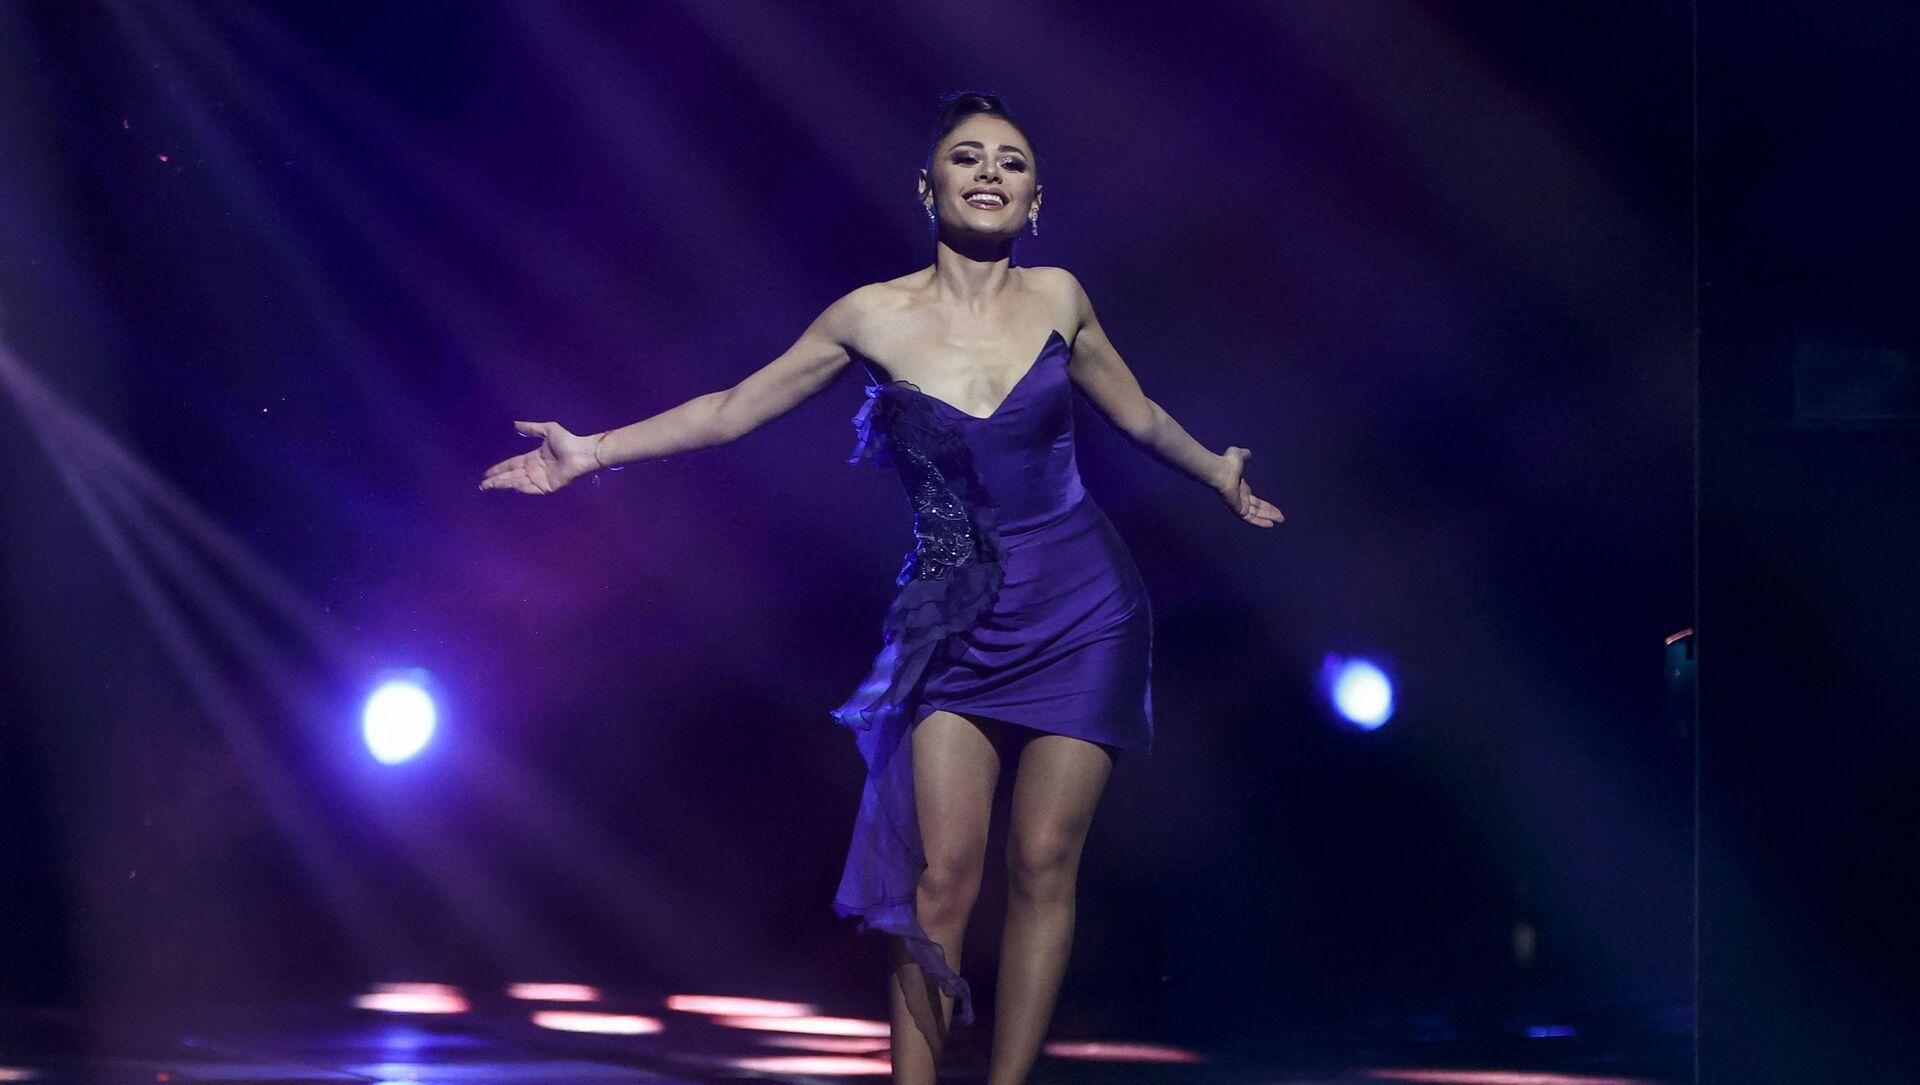 Певица Самира Эфенди (Азербайджан) во время выступления в финале конкурса Евровидение, который проходит в Роттердаме - Sputnik Азербайджан, 1920, 16.08.2021